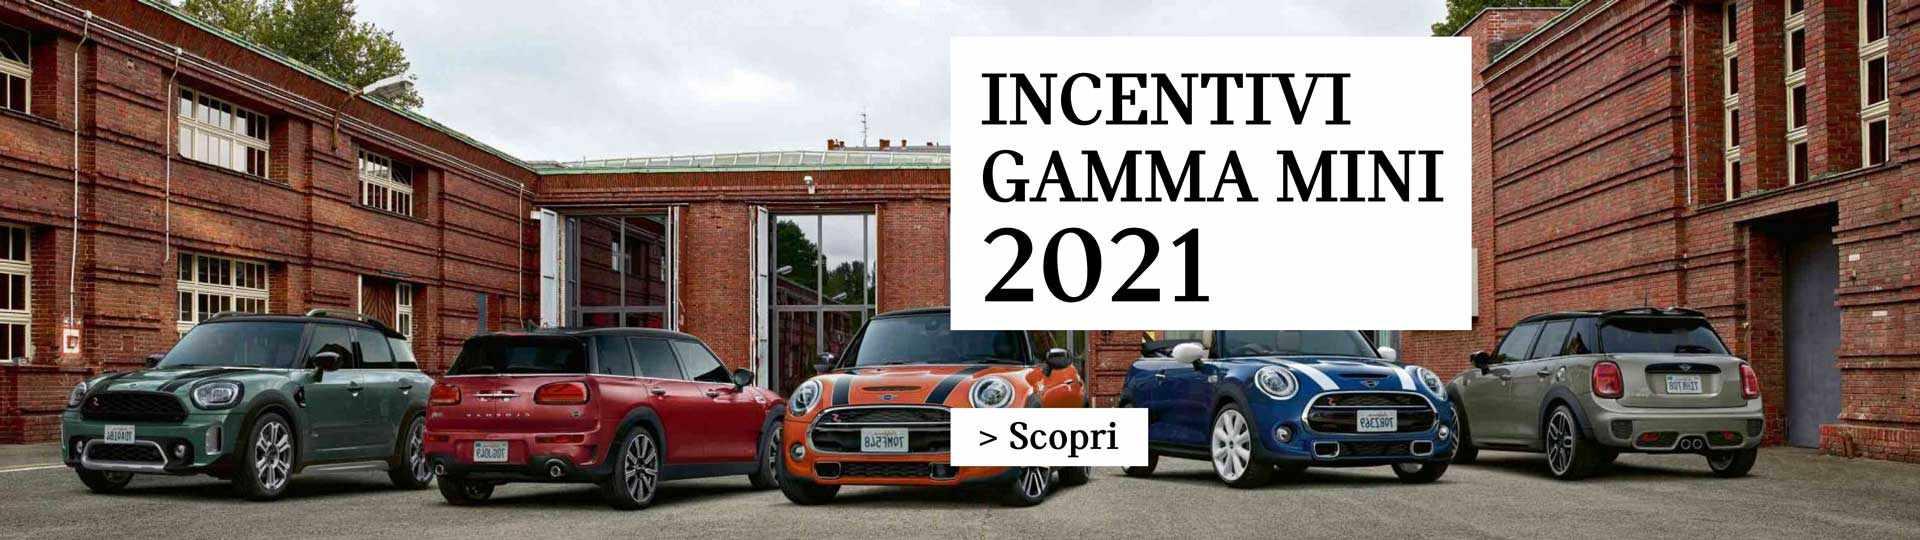 Ecoincentivi-MINI-2021_sito-min.jpg